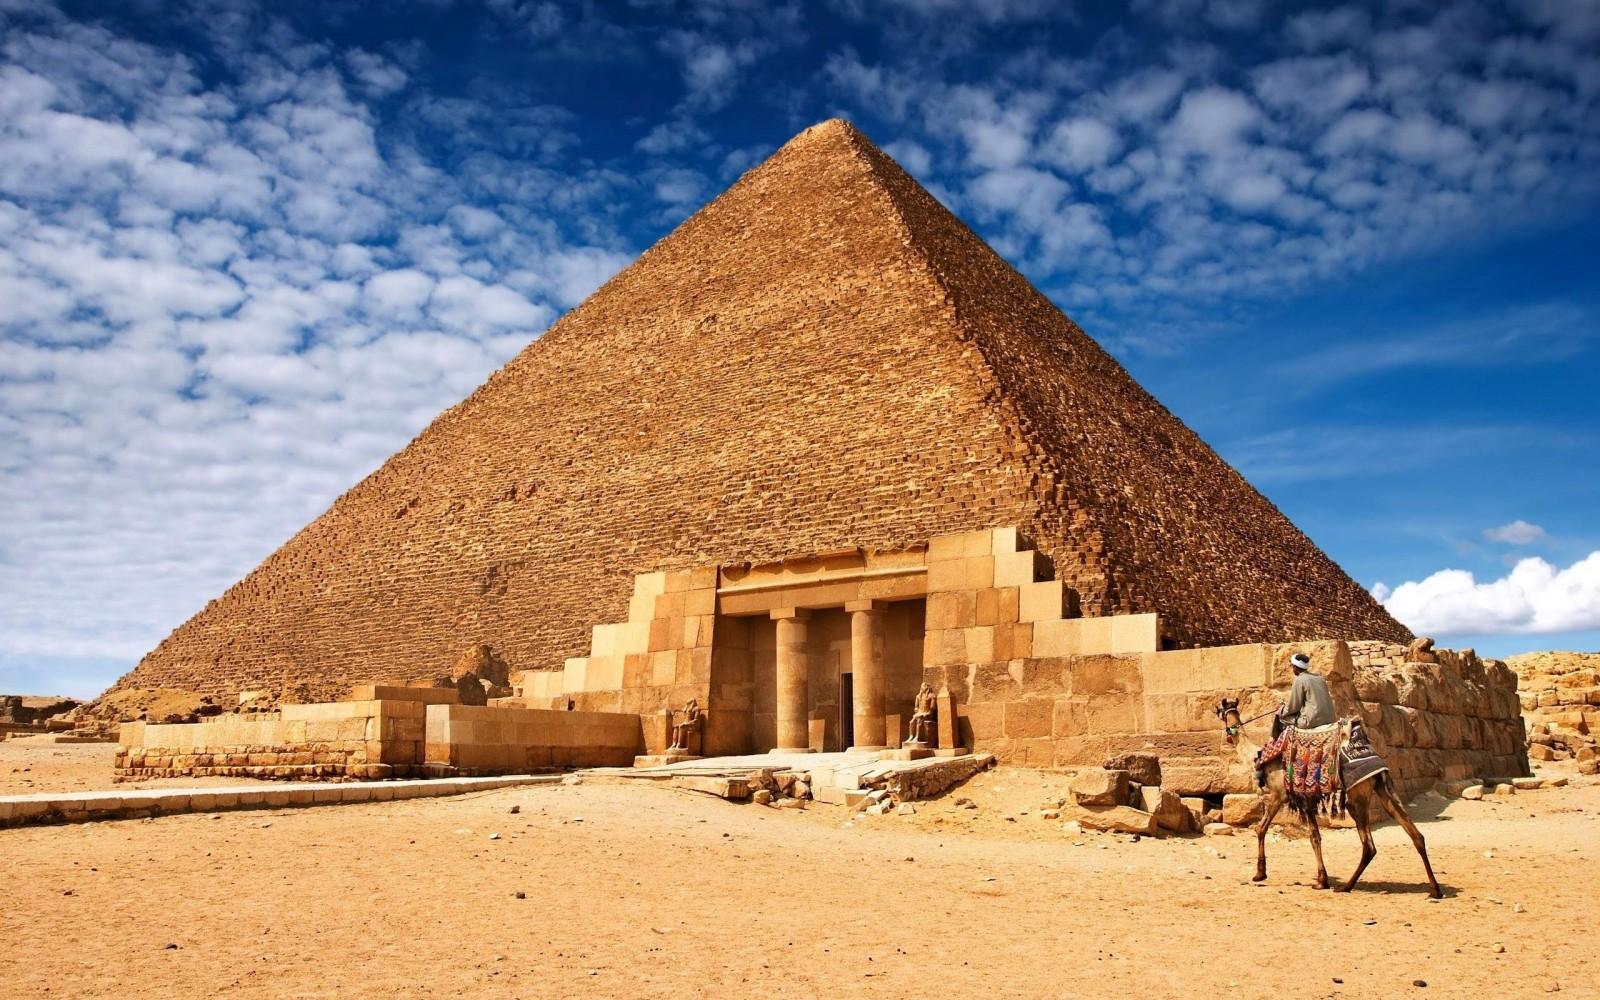 TURQUIA OTOMANA & EGIPTO CON CRUCERO POR EL NILO